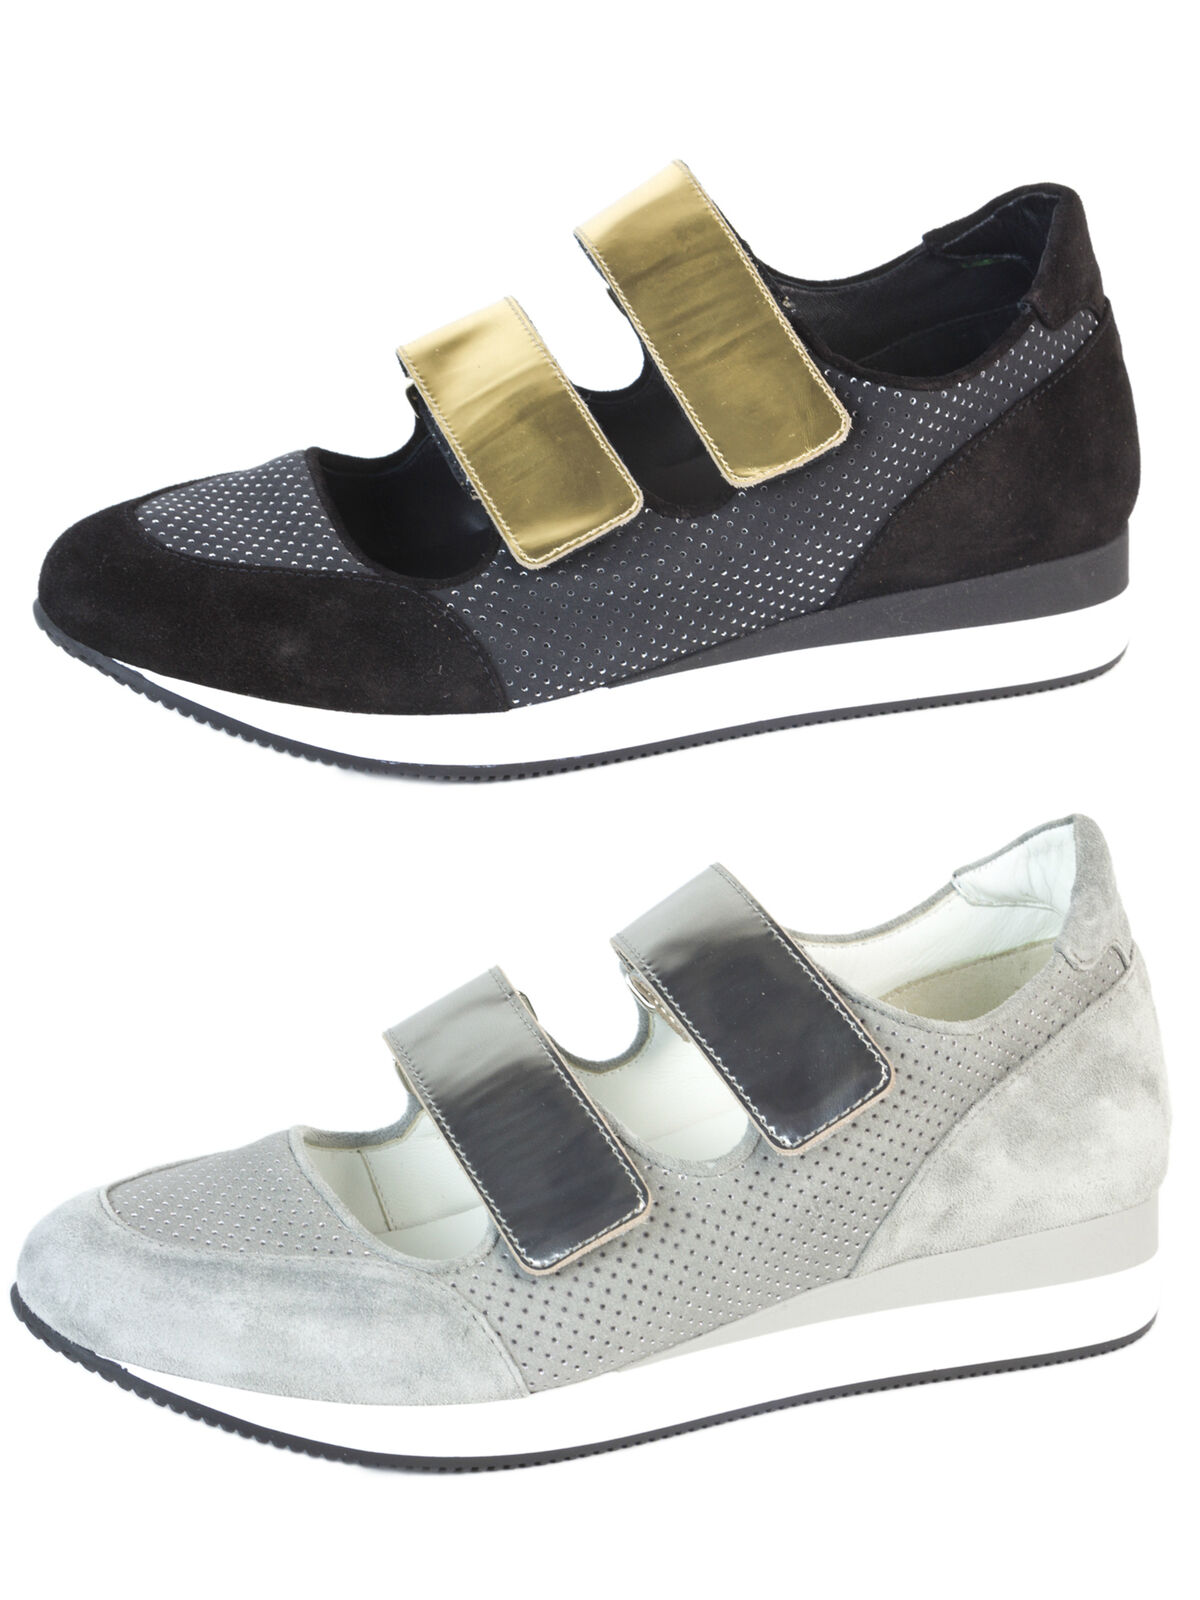 Sito ufficiale MAX MARA Donna  MM34 Leather Velcro scarpe scarpe scarpe da ginnastica  495 NIB  punti vendita